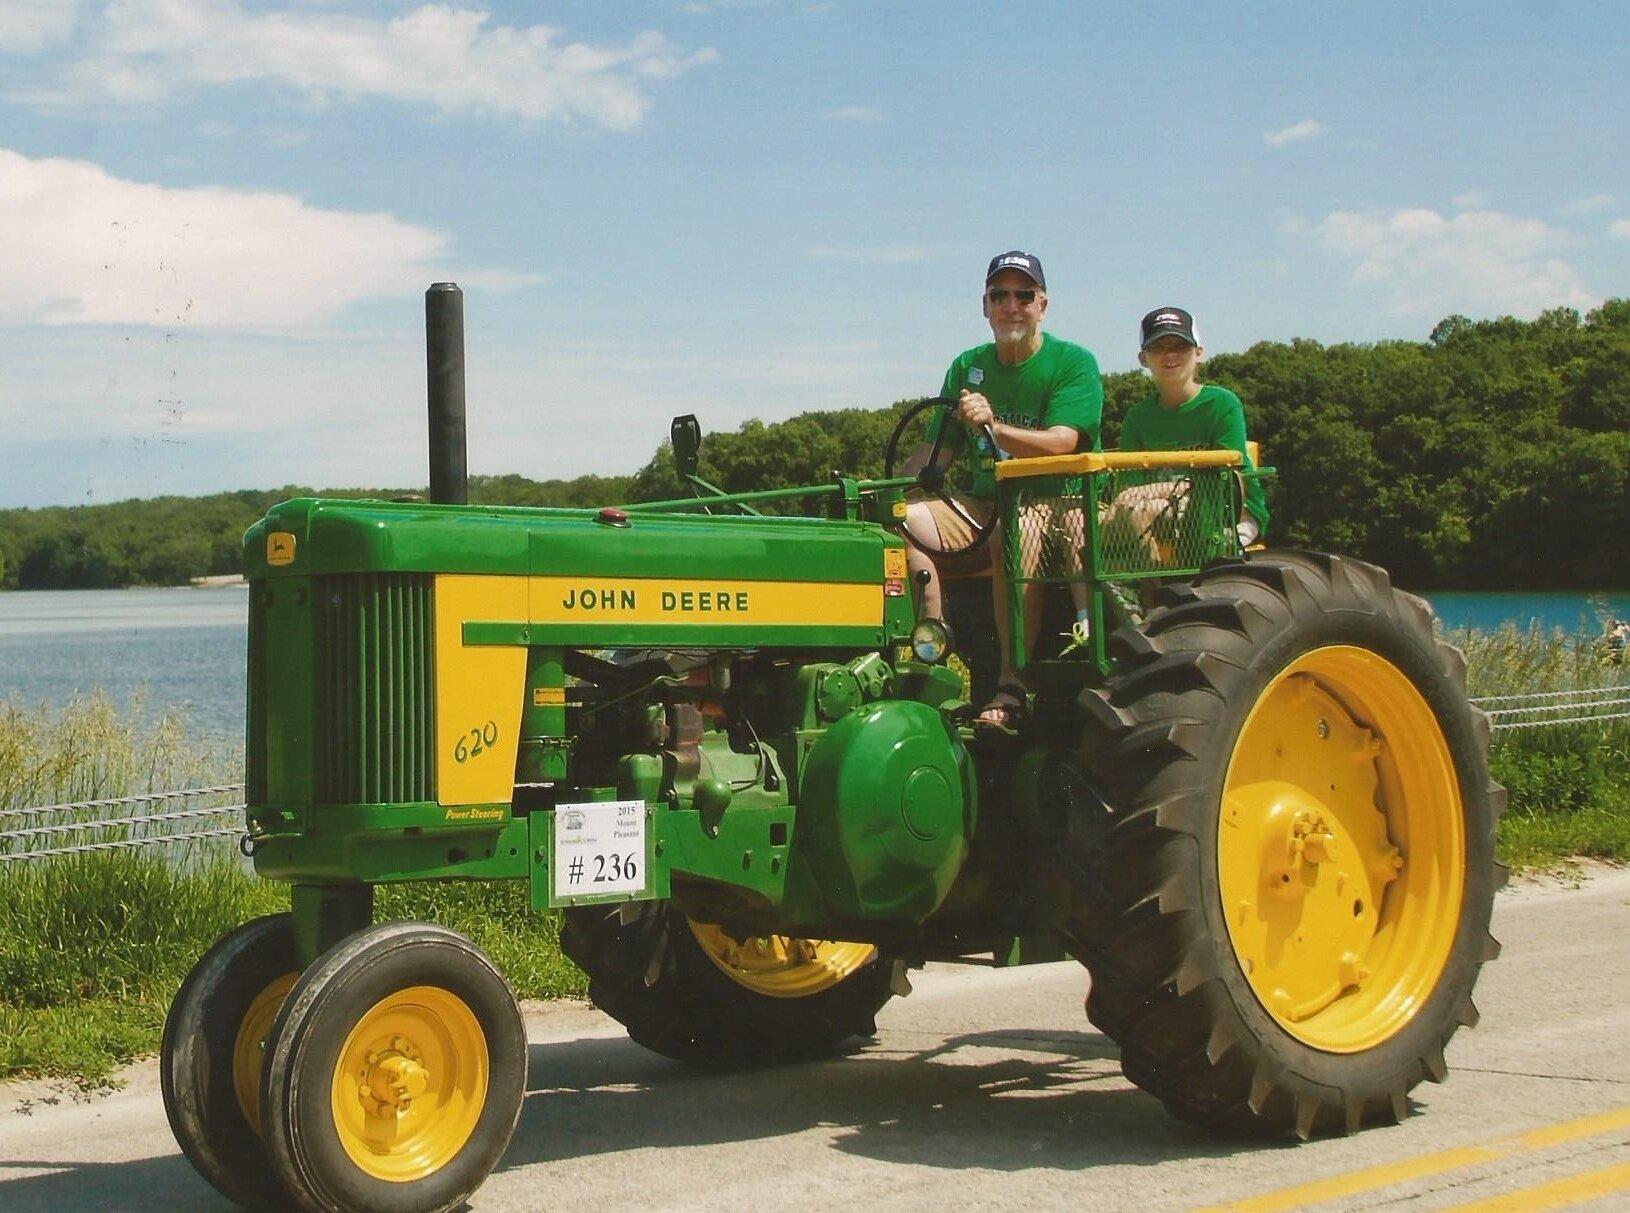 Jabaay on tractor